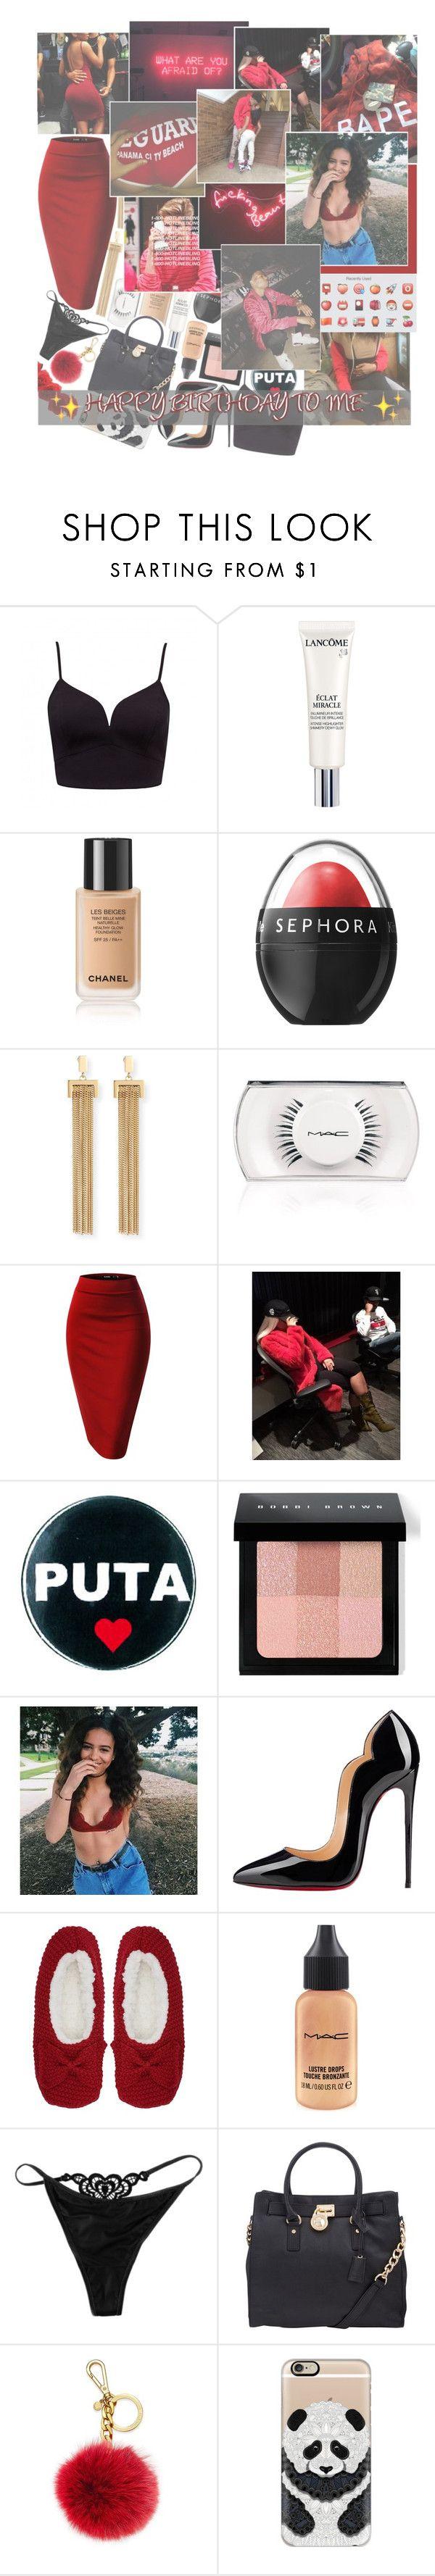 Die besten 25 Mac new collection Ideen auf Pinterest